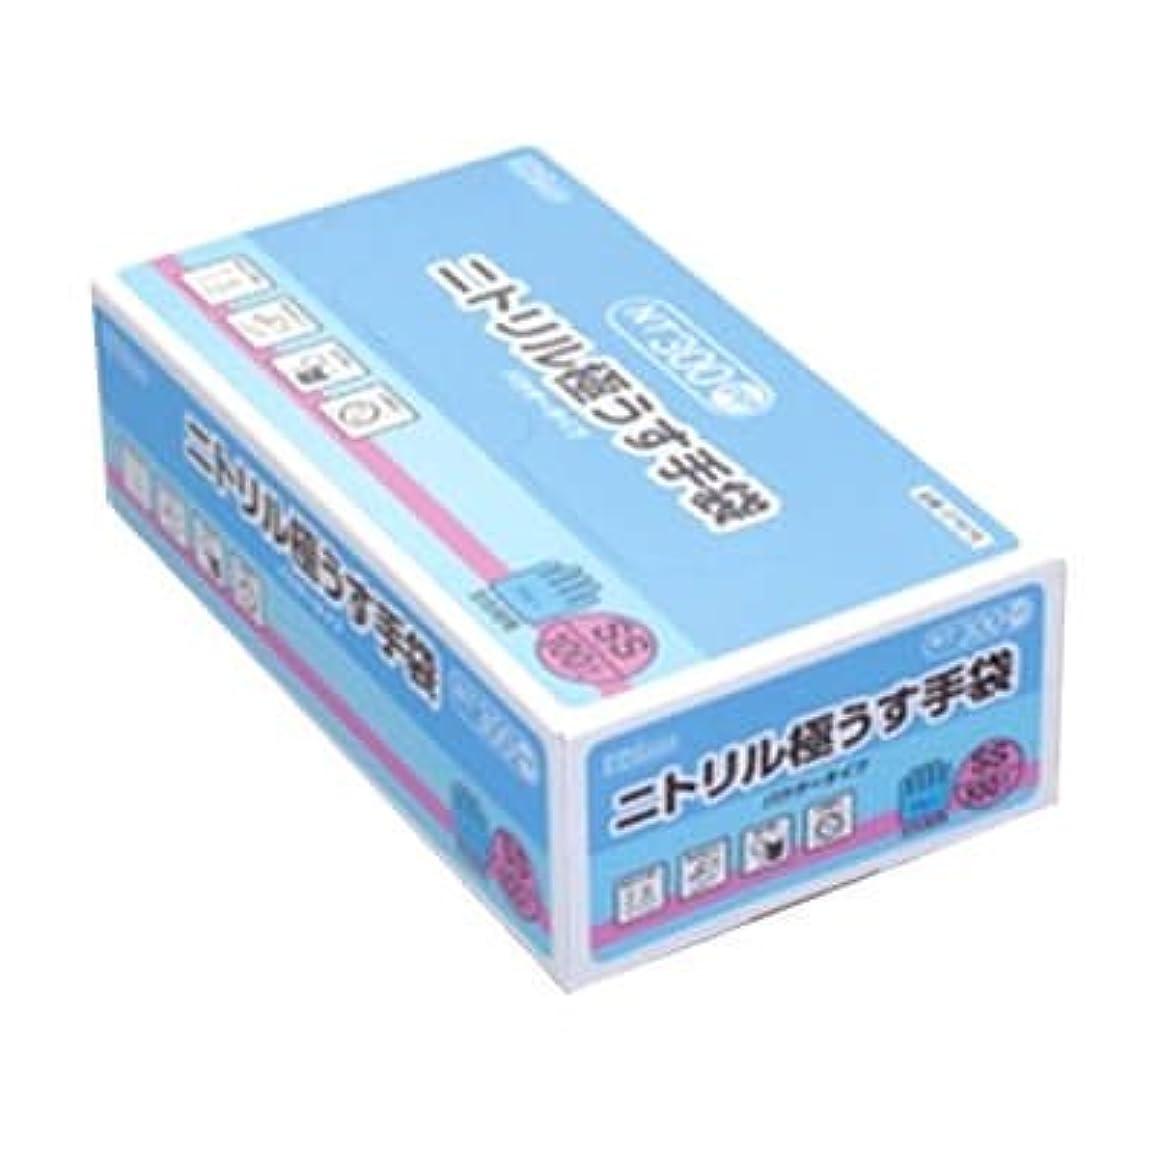 始める夢部分【ケース販売】 ダンロップ ニトリル極うす手袋 粉付 SS ブルー NT-300 (100枚入×20箱)